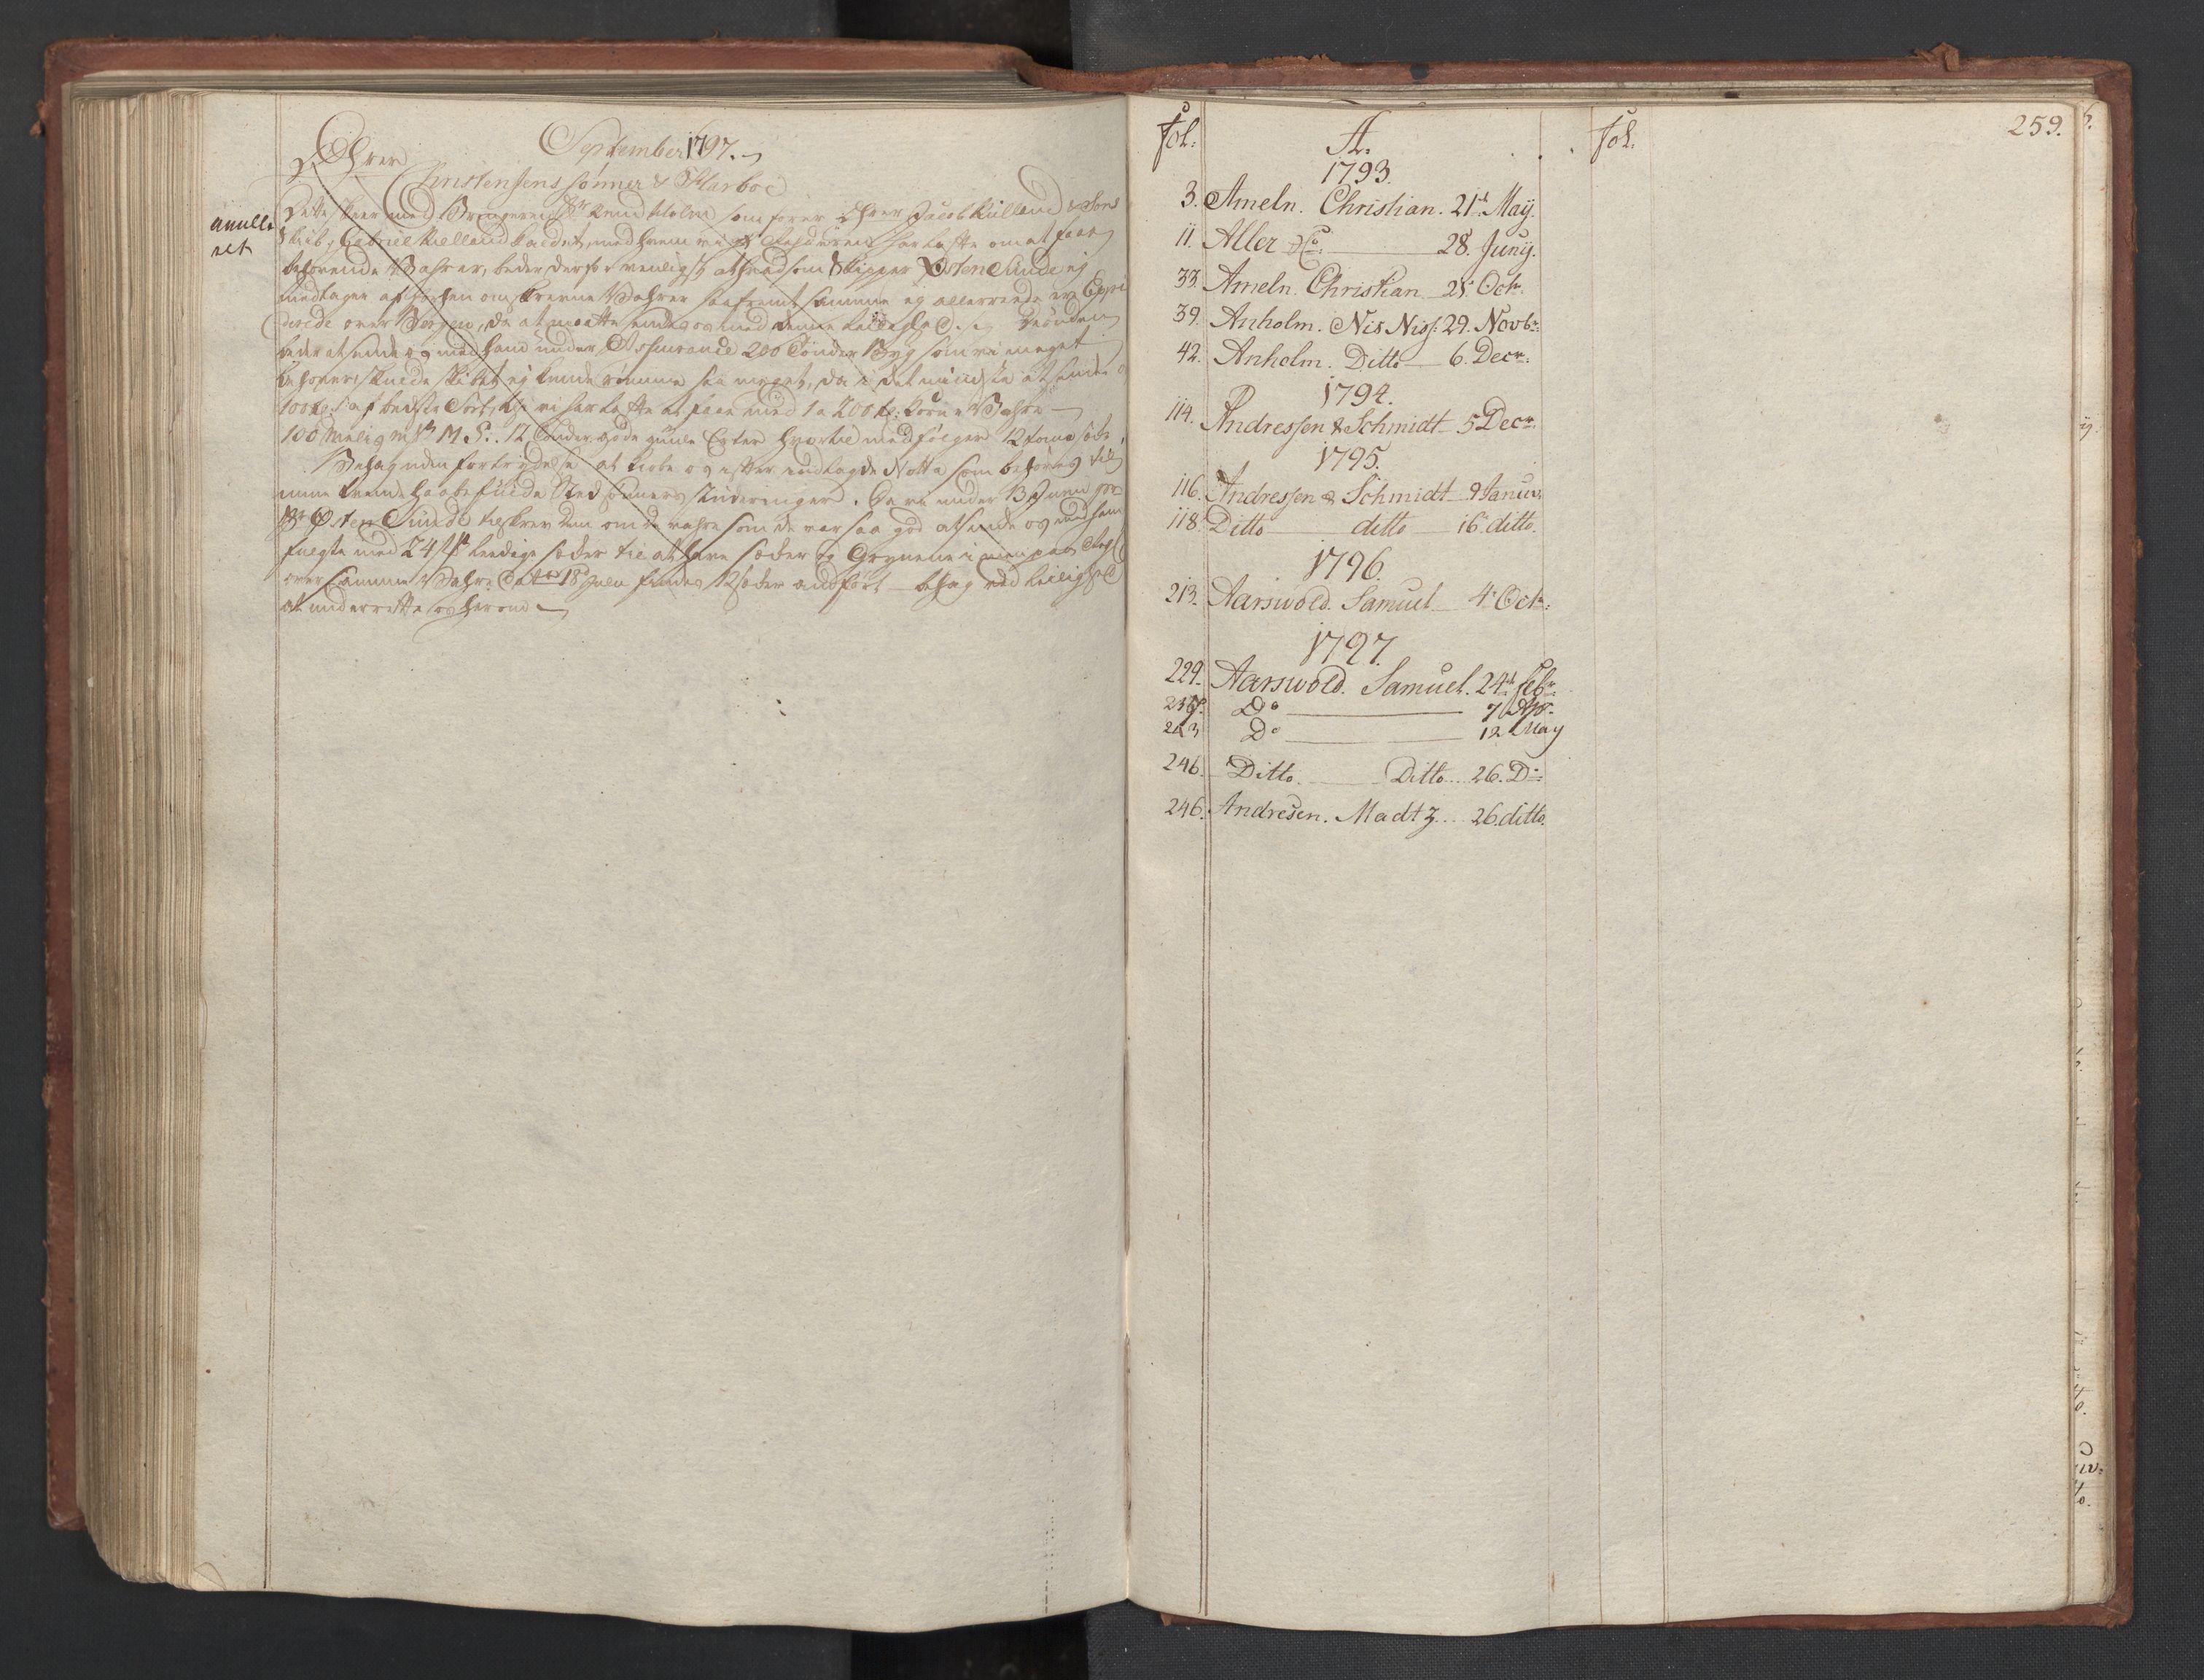 SAST, Pa 0003 - Ploug & Sundt, handelshuset, B/L0007: Kopibok, 1793-1797, s. 258b-259a